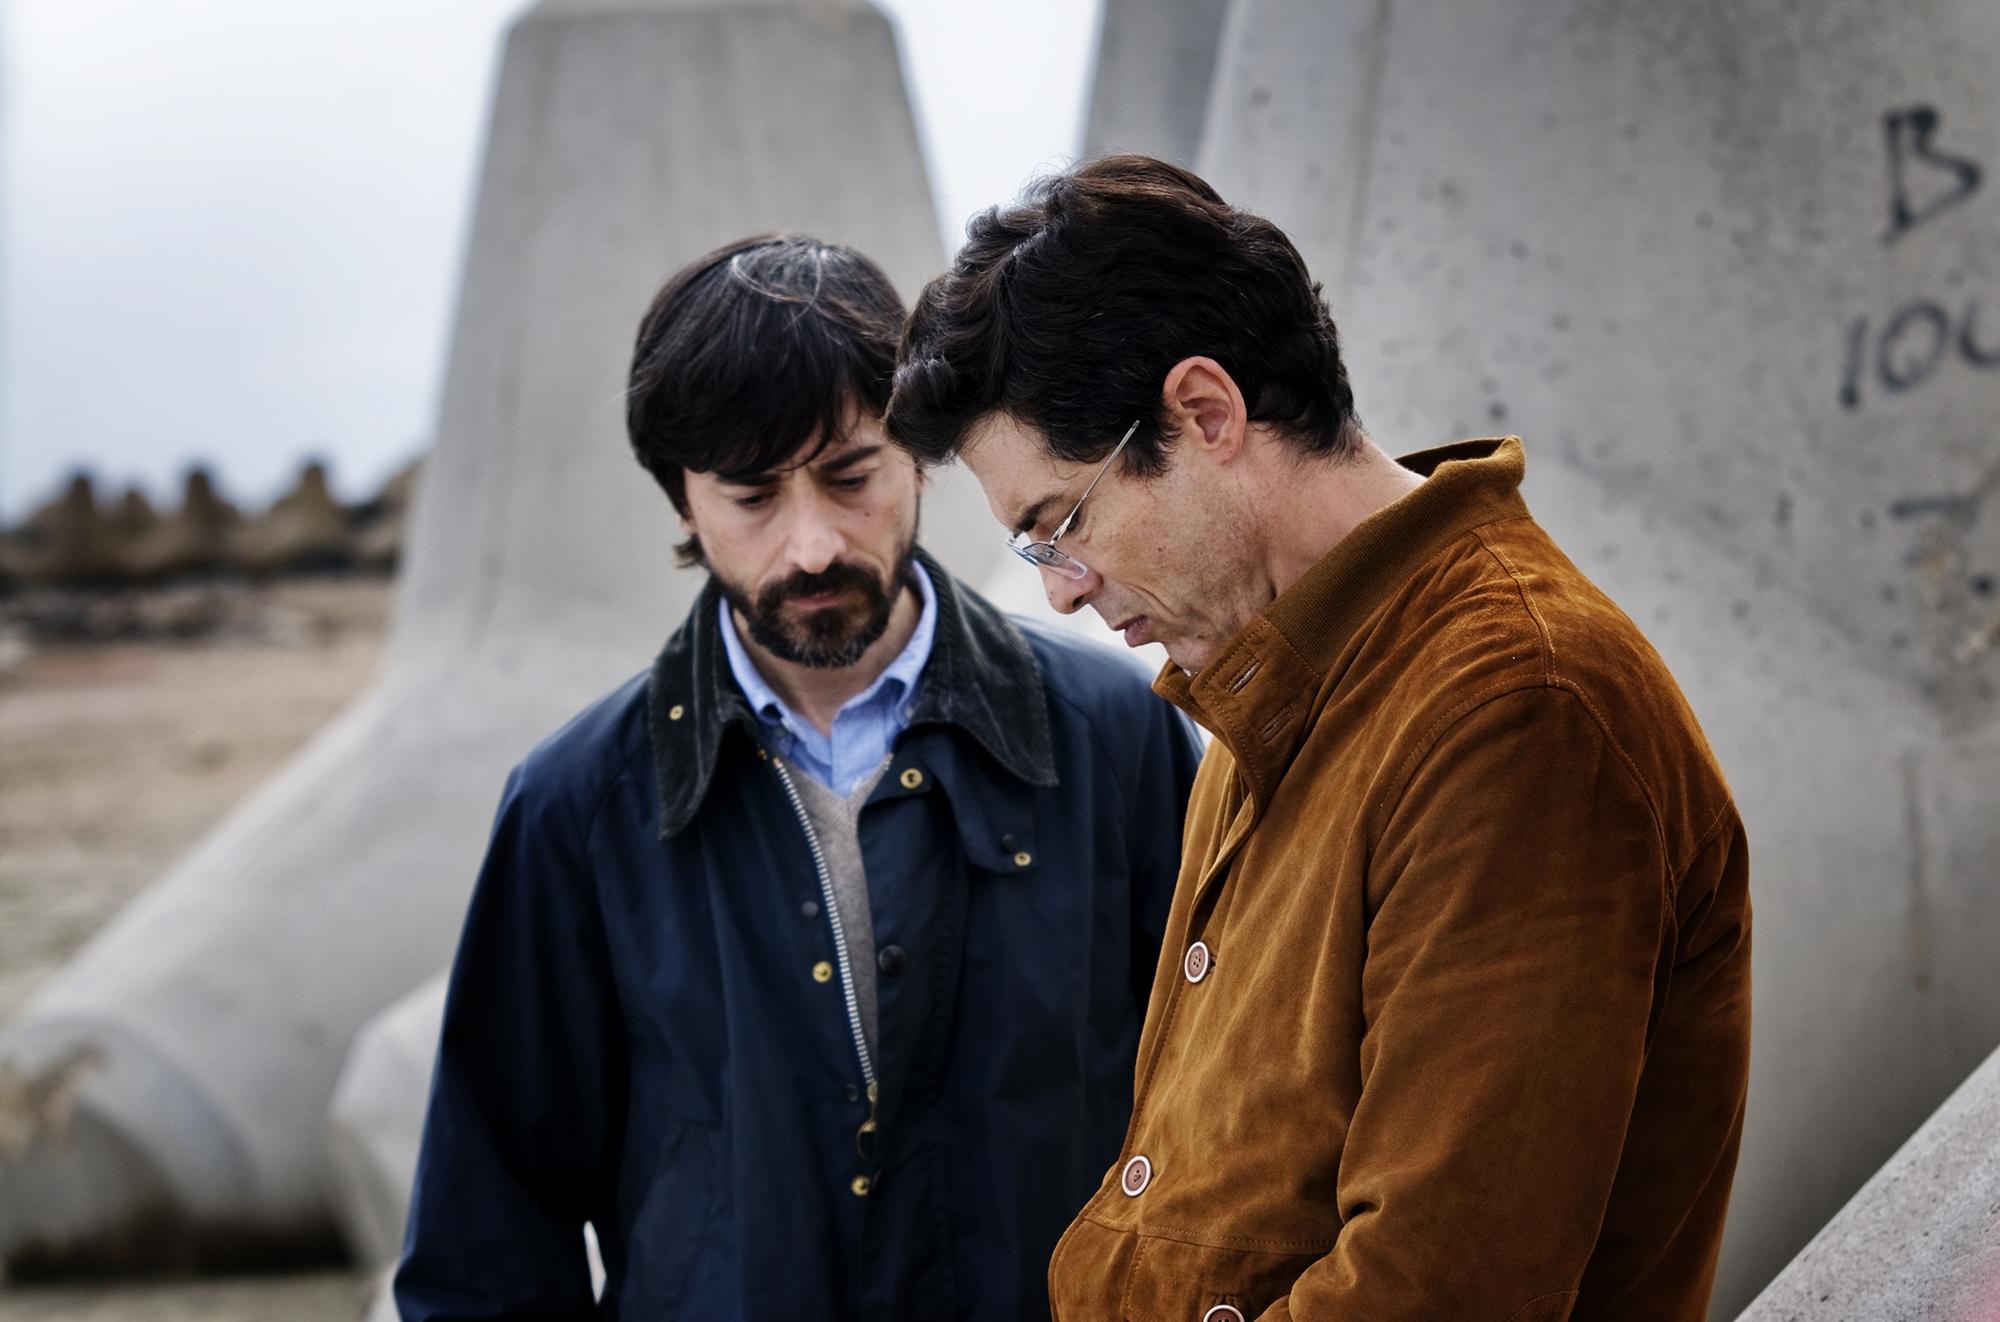 I nostri ragazzi: Alessandro Gassman e Luigi Lo Cascio nel film di Ivano De Matteo